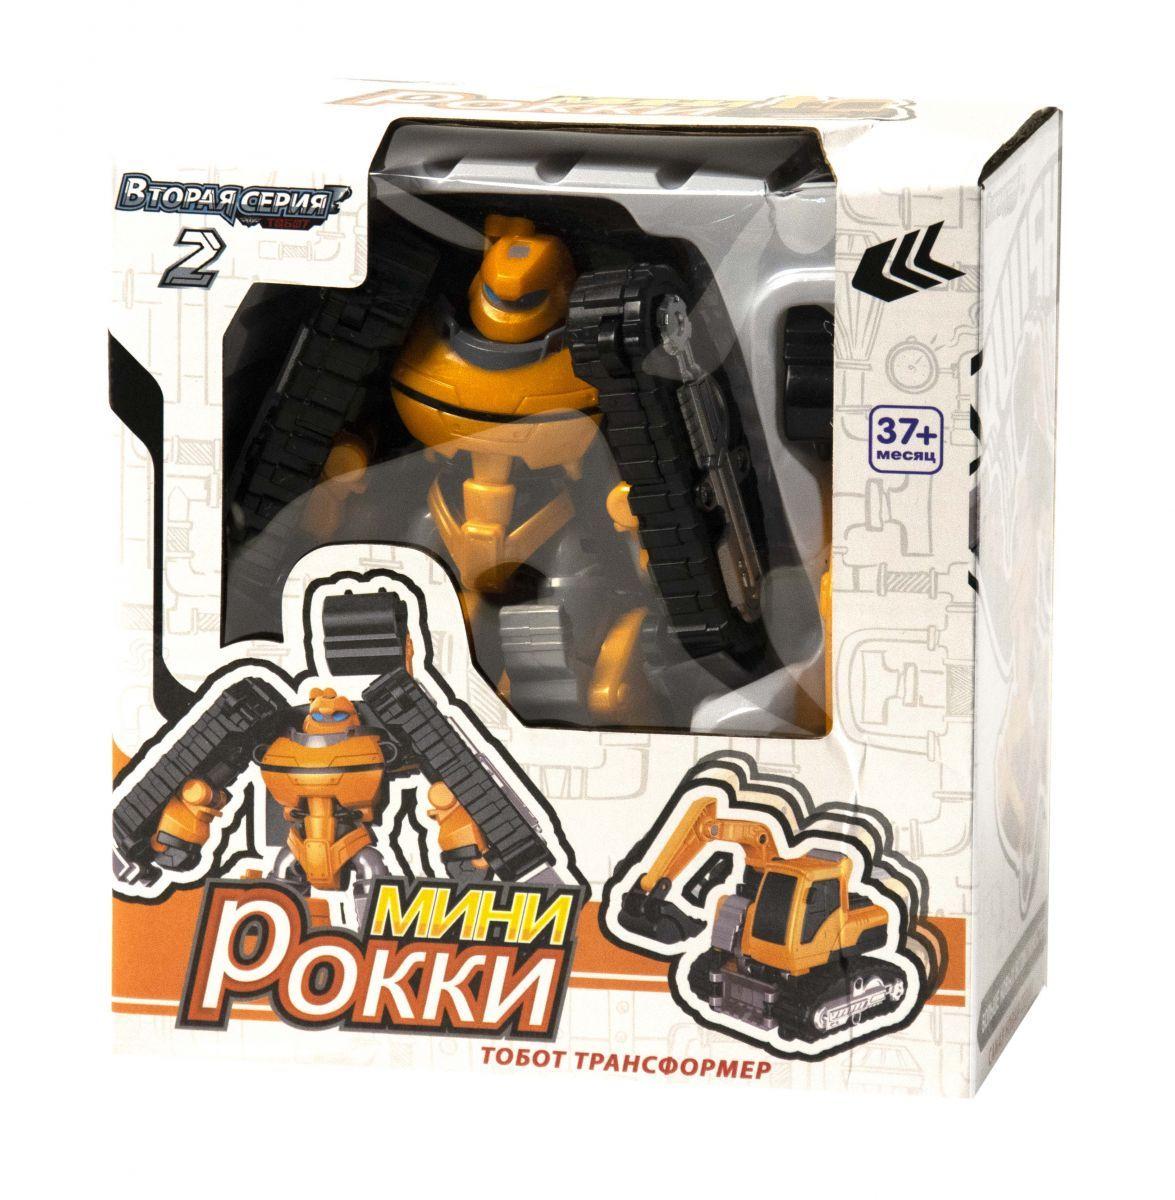 Трансформер Тобот мини Рокки Tobot mini Rocky